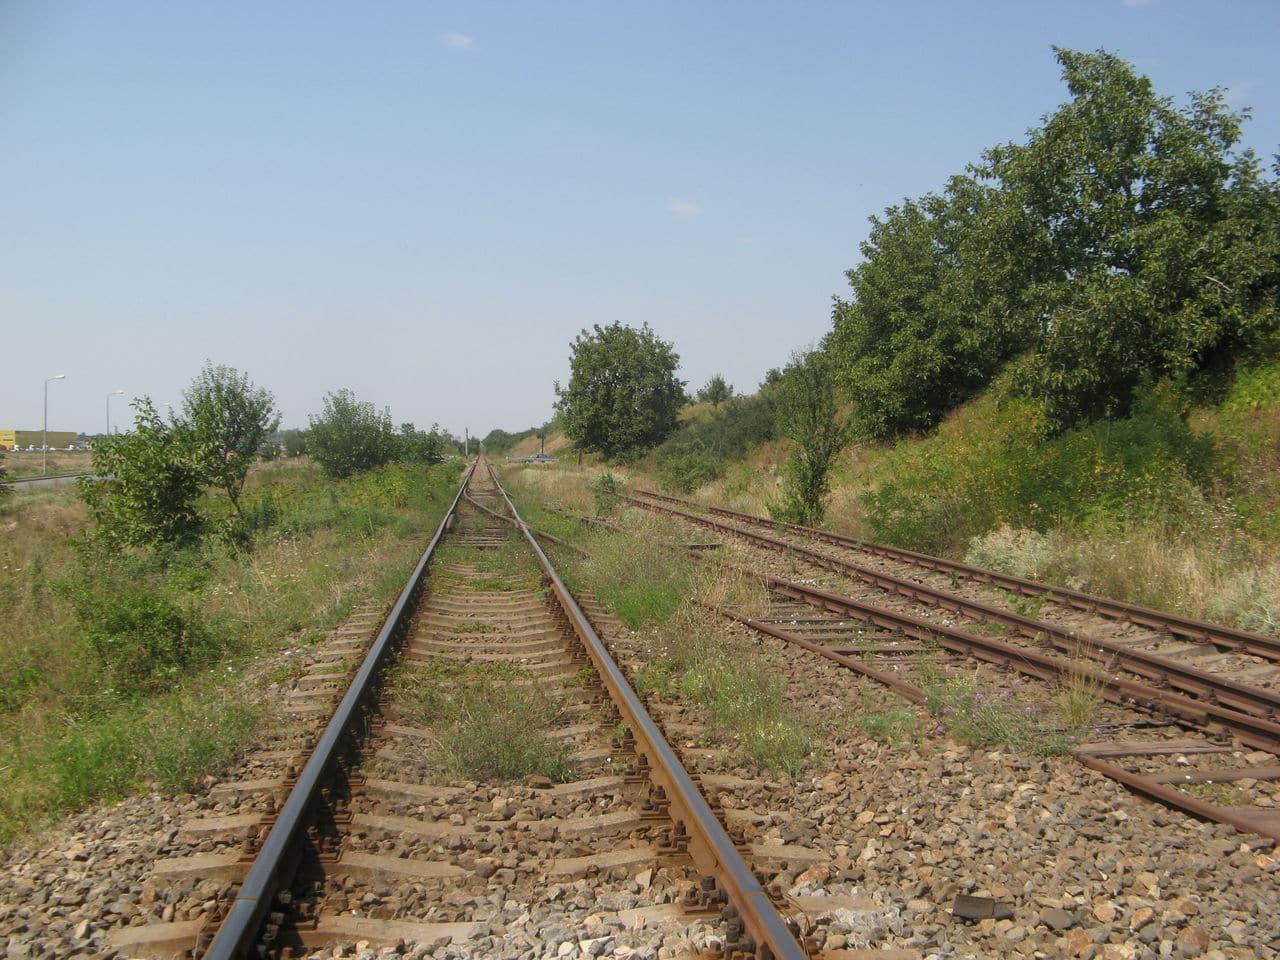 Calea ferată directă Oradea Vest - Episcopia Bihor IMG_0055